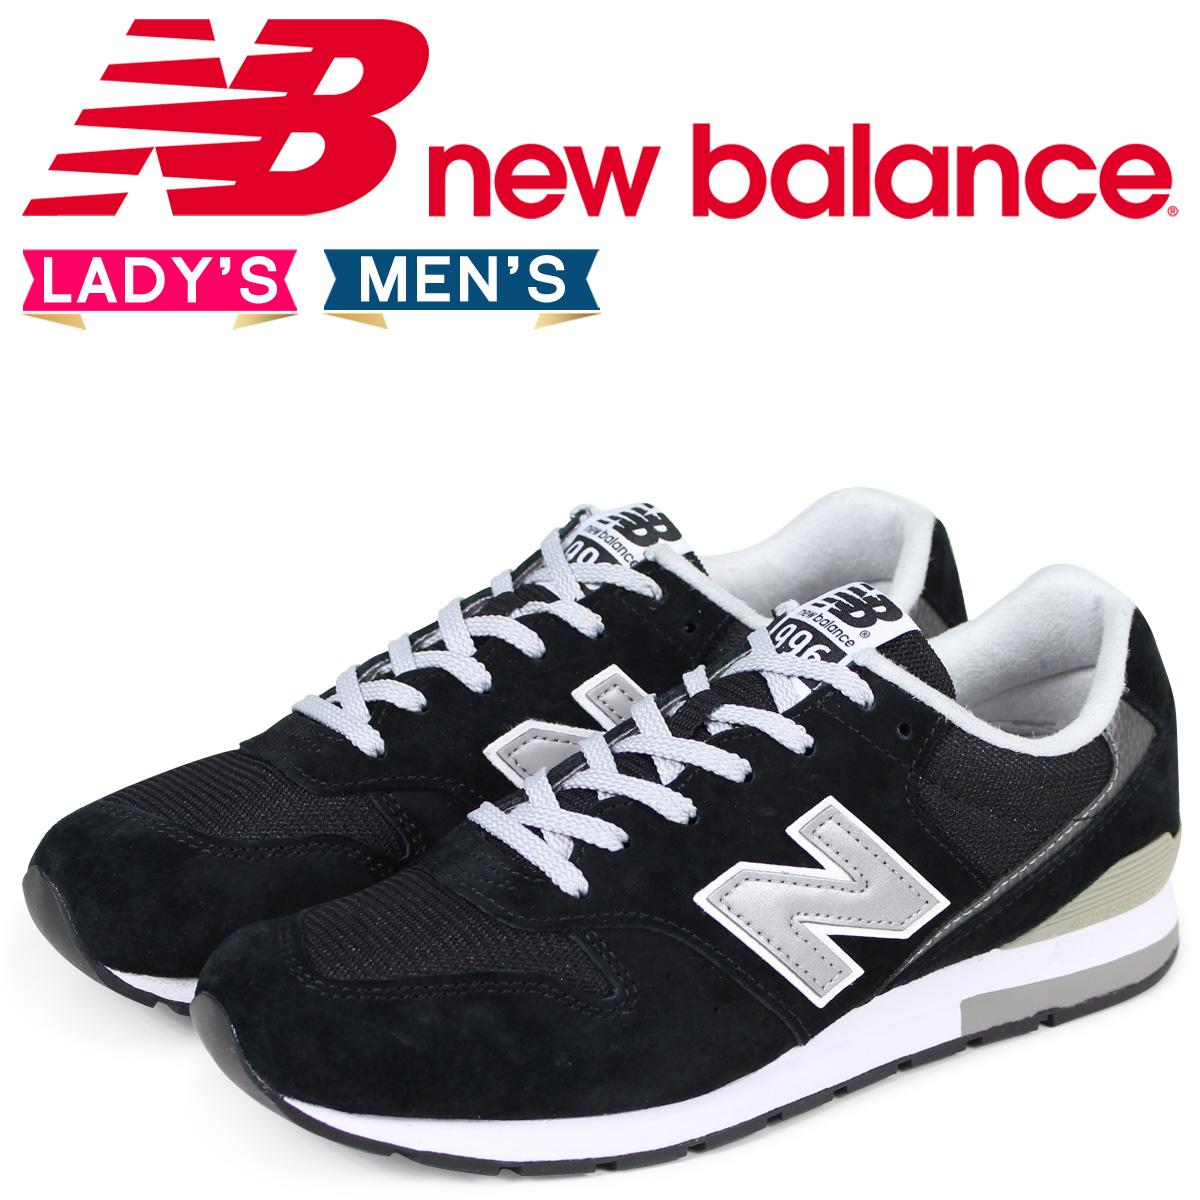 new balance 996 レディース メンズ ニューバランス スニーカー MRL996BL Dワイズ 靴 ブラック [9/19 追加入荷]